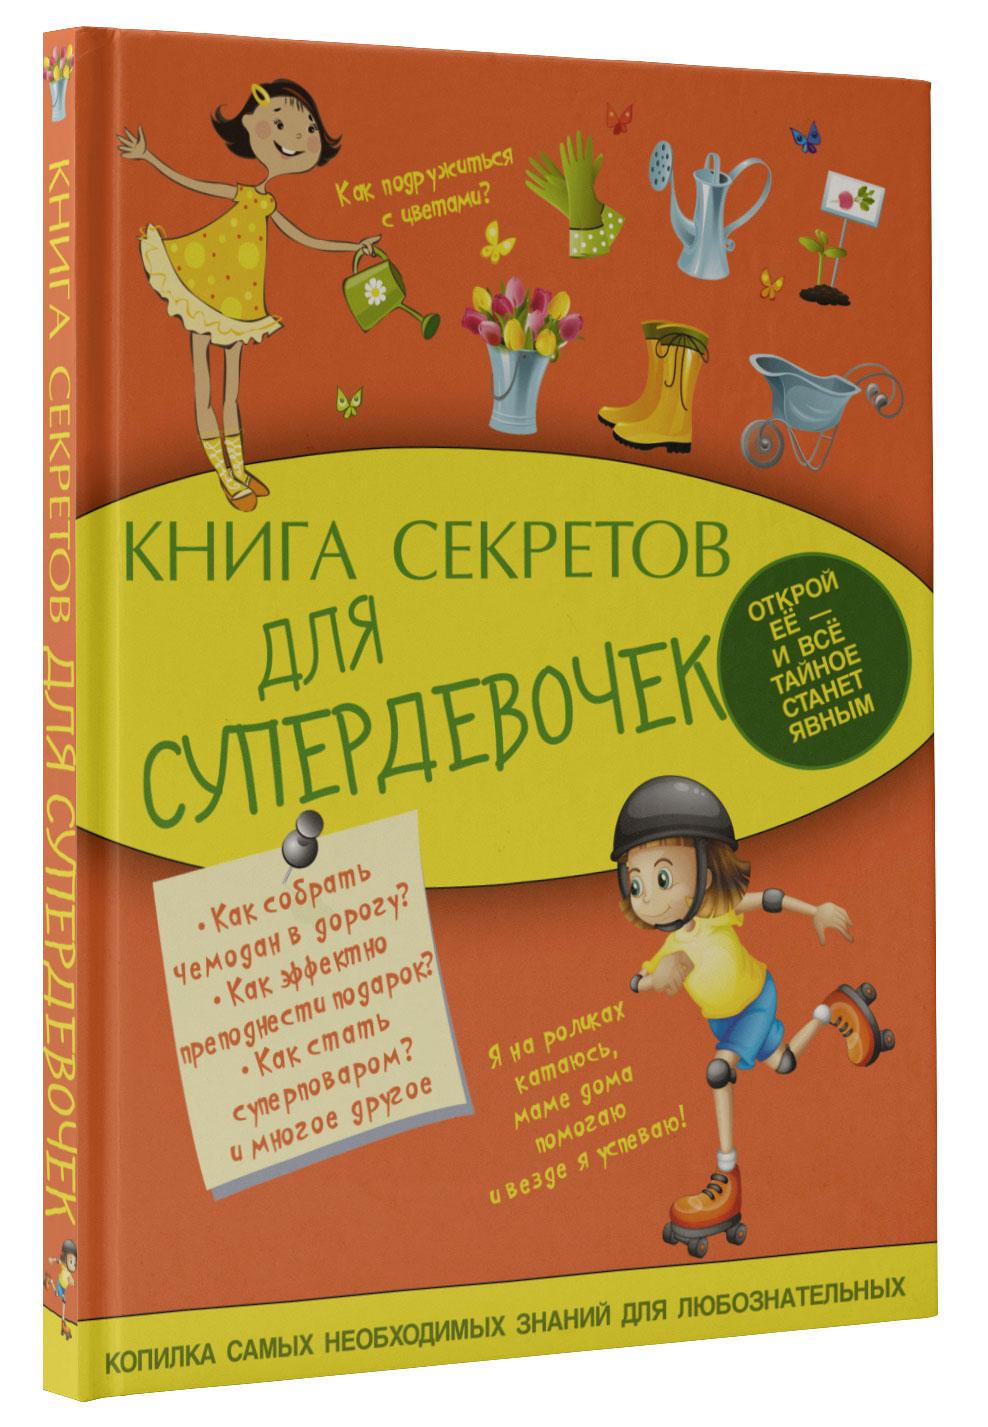 Книга секретов для супердевочек